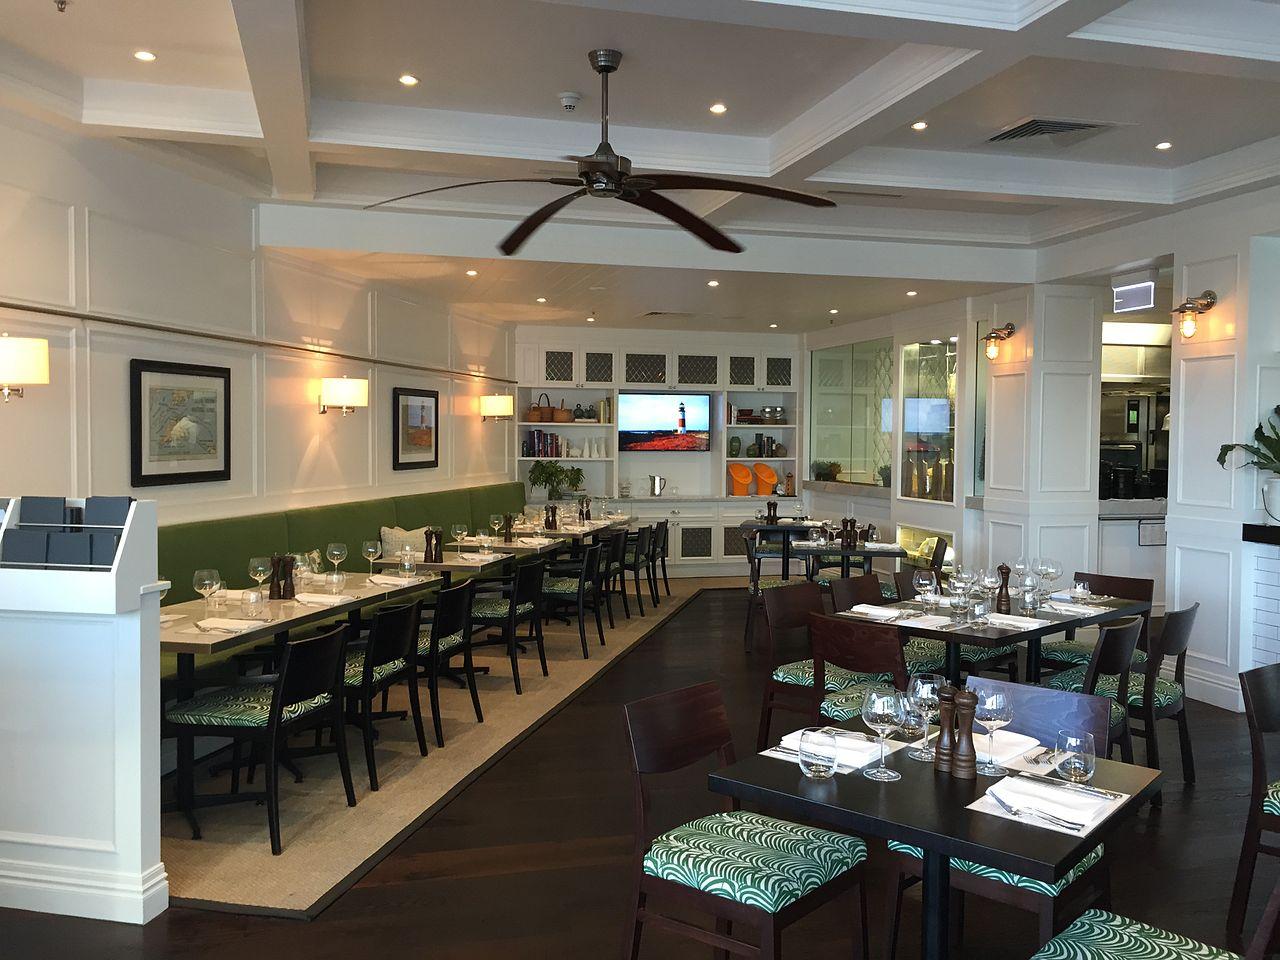 Nantucket Kitchen And Bar